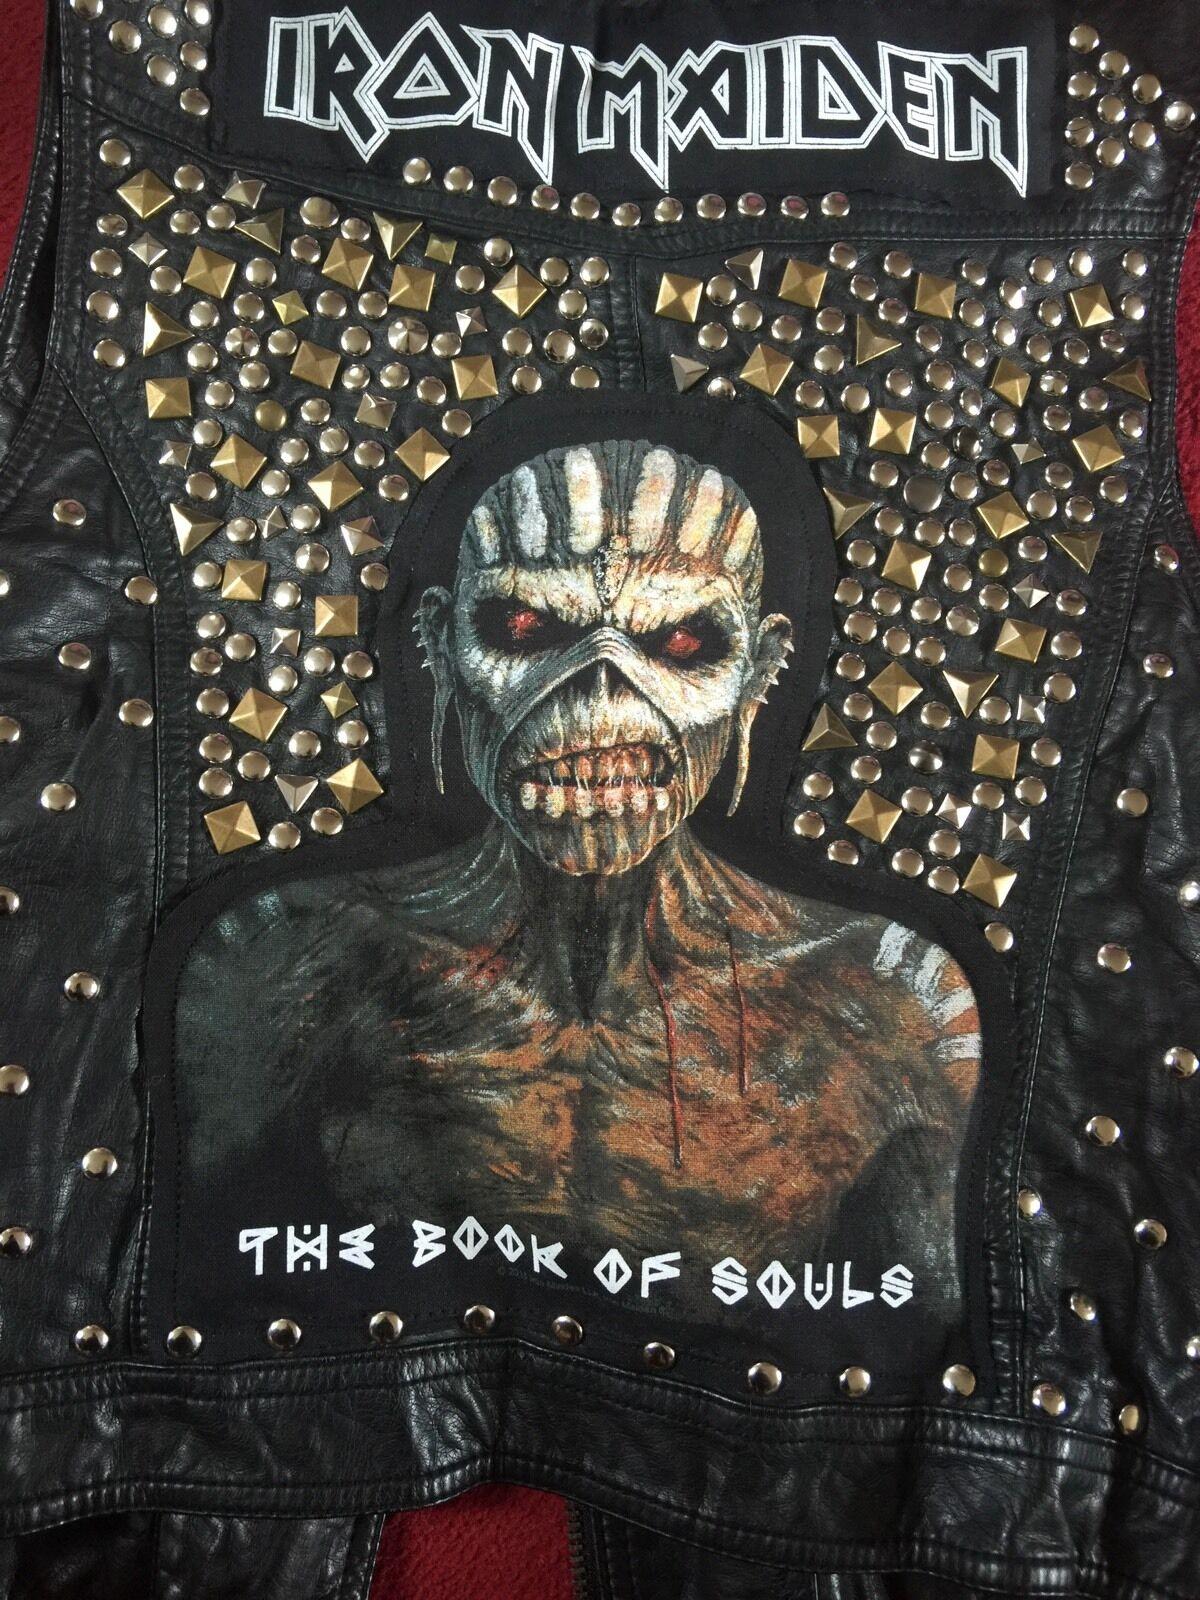 Iron Maiden Libro de almas Aspecto de Cuero Tachonado  Chaleco Chaleco Chaqueta Heavy Metal  elige tu favorito